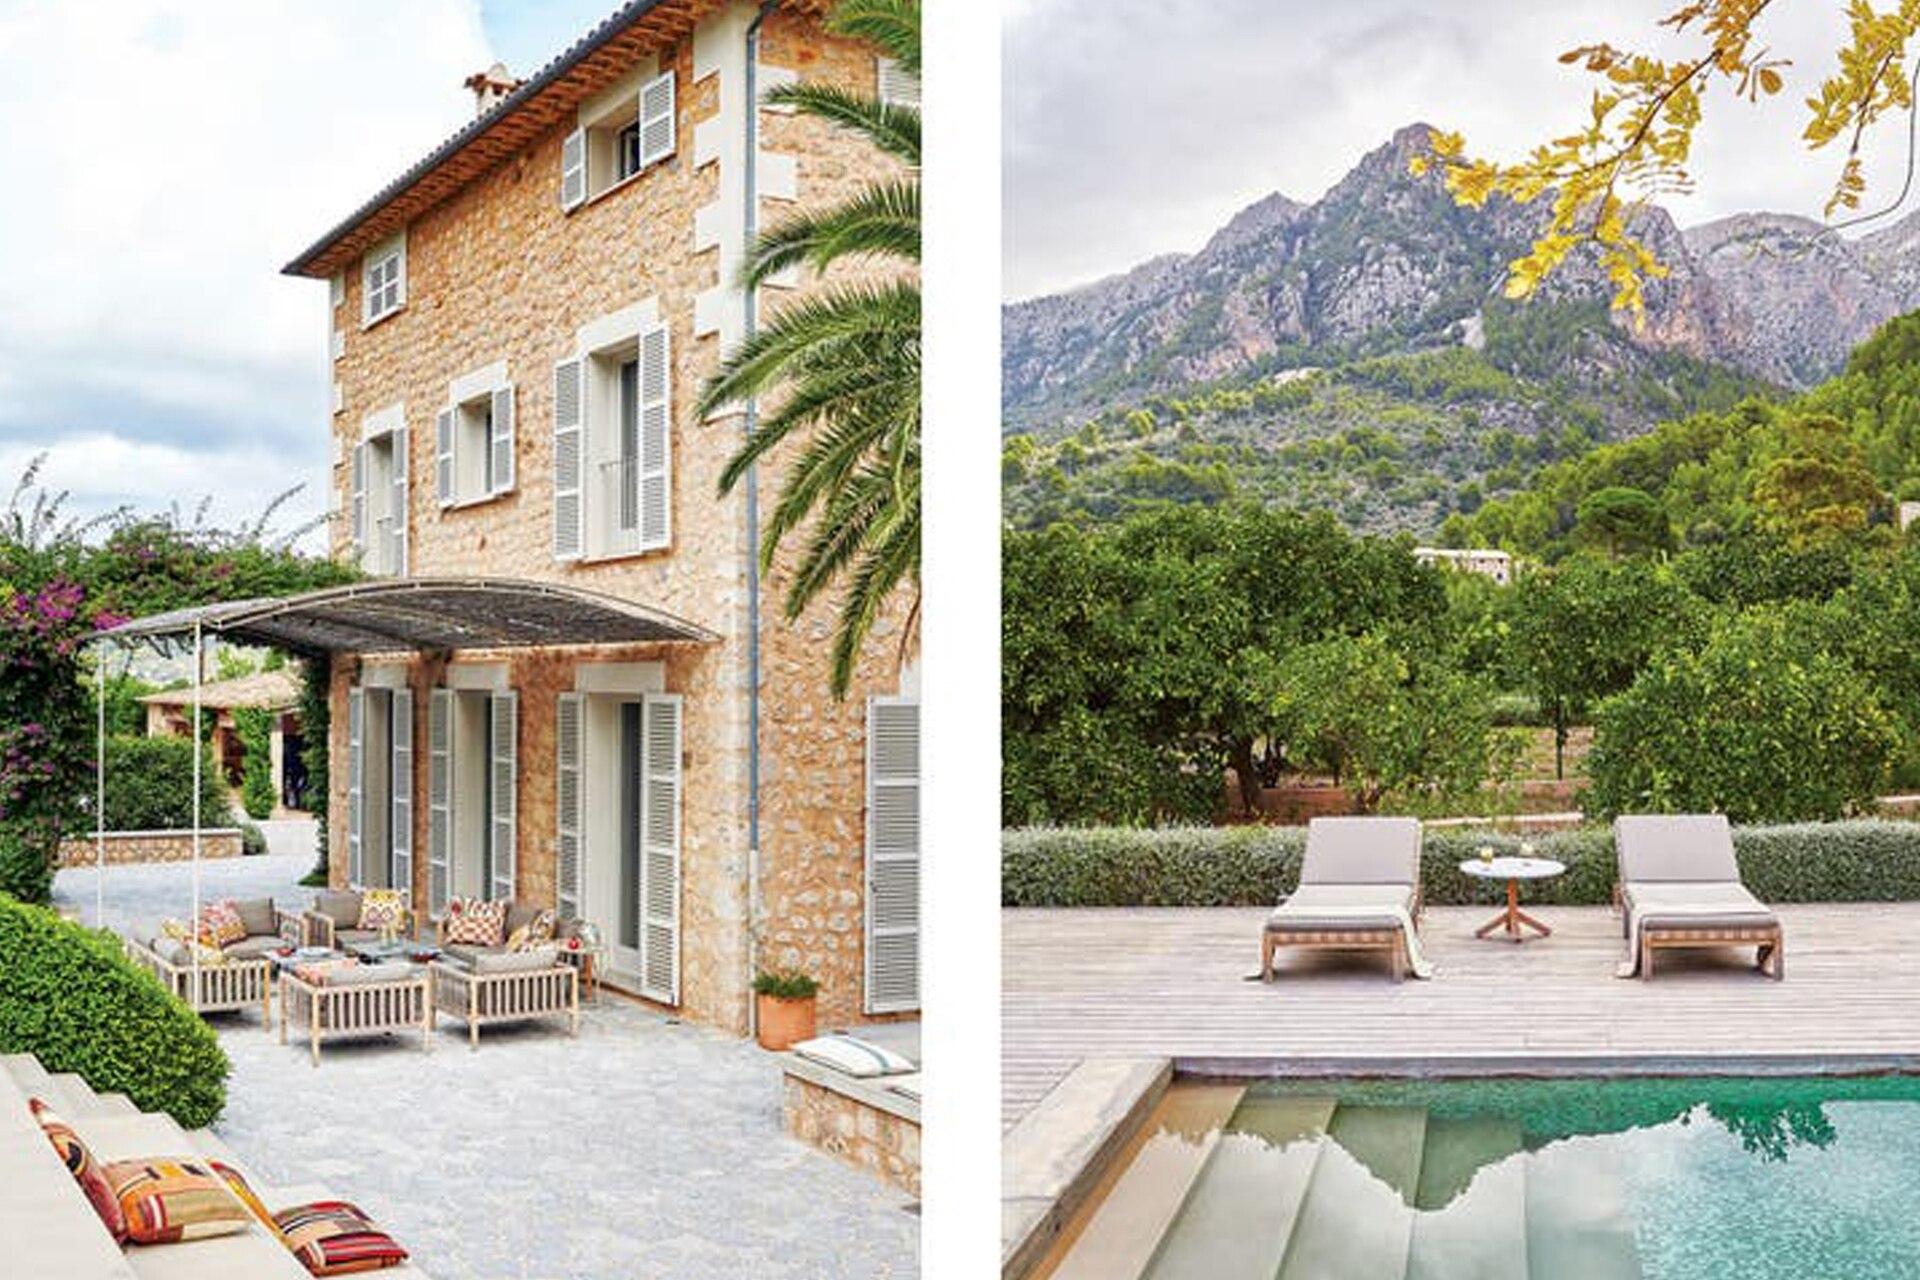 La arquitectura simple es lo primero que le atrajo a Damián Sánchez de esta casa de tres pisos. Reorganización mediante, mantuvo sus raíces rurales con todo el confort de una casa moderna.